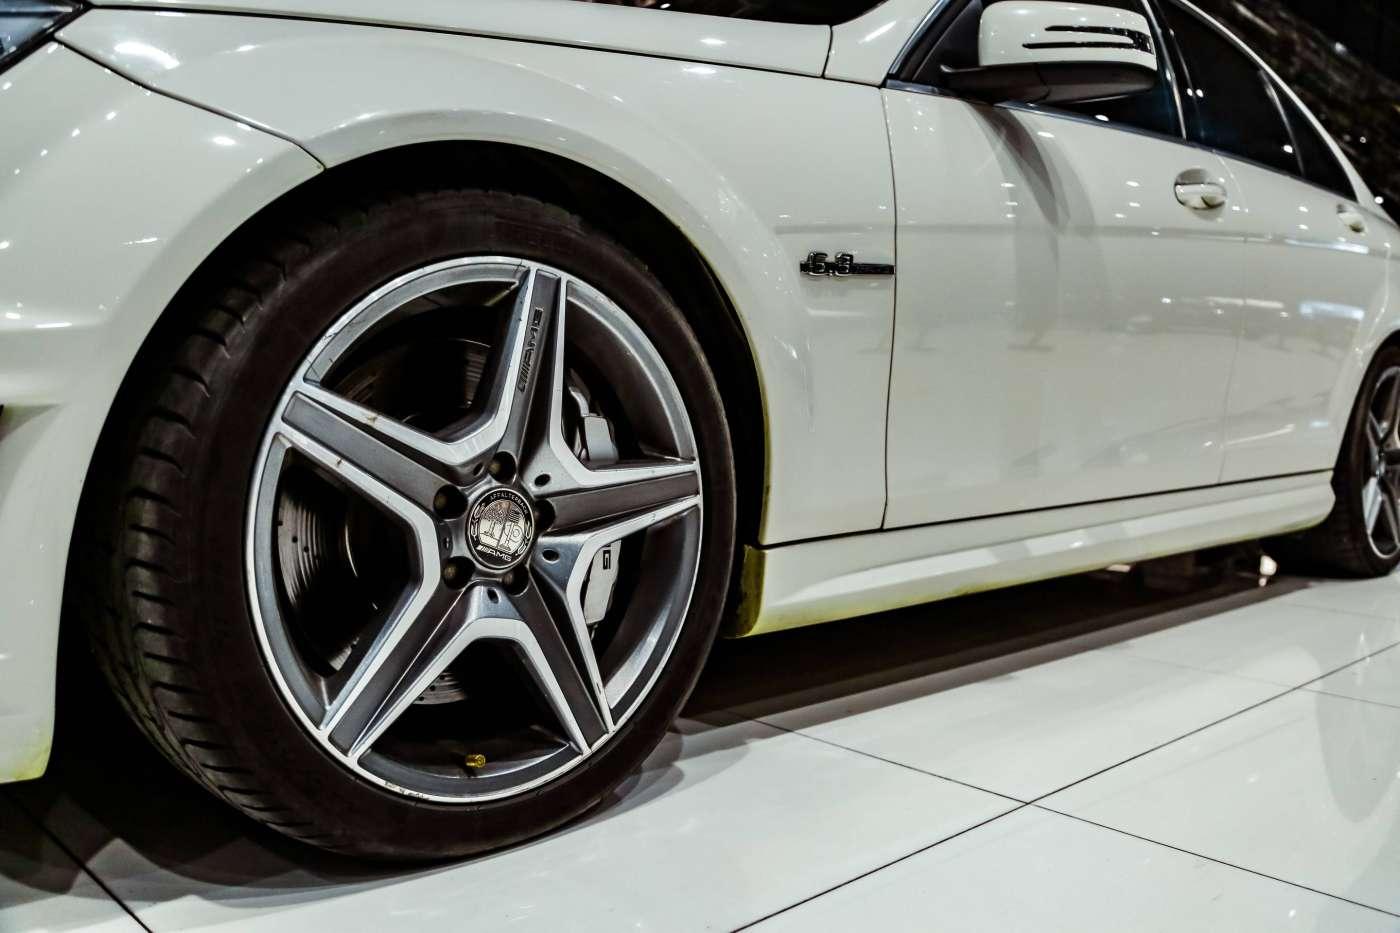 2010年04月 奔驰C级AMG 2010款 C 63 AMG 动感型增强版|甄选奔驰-北京卡斯基汽车服务有限公司